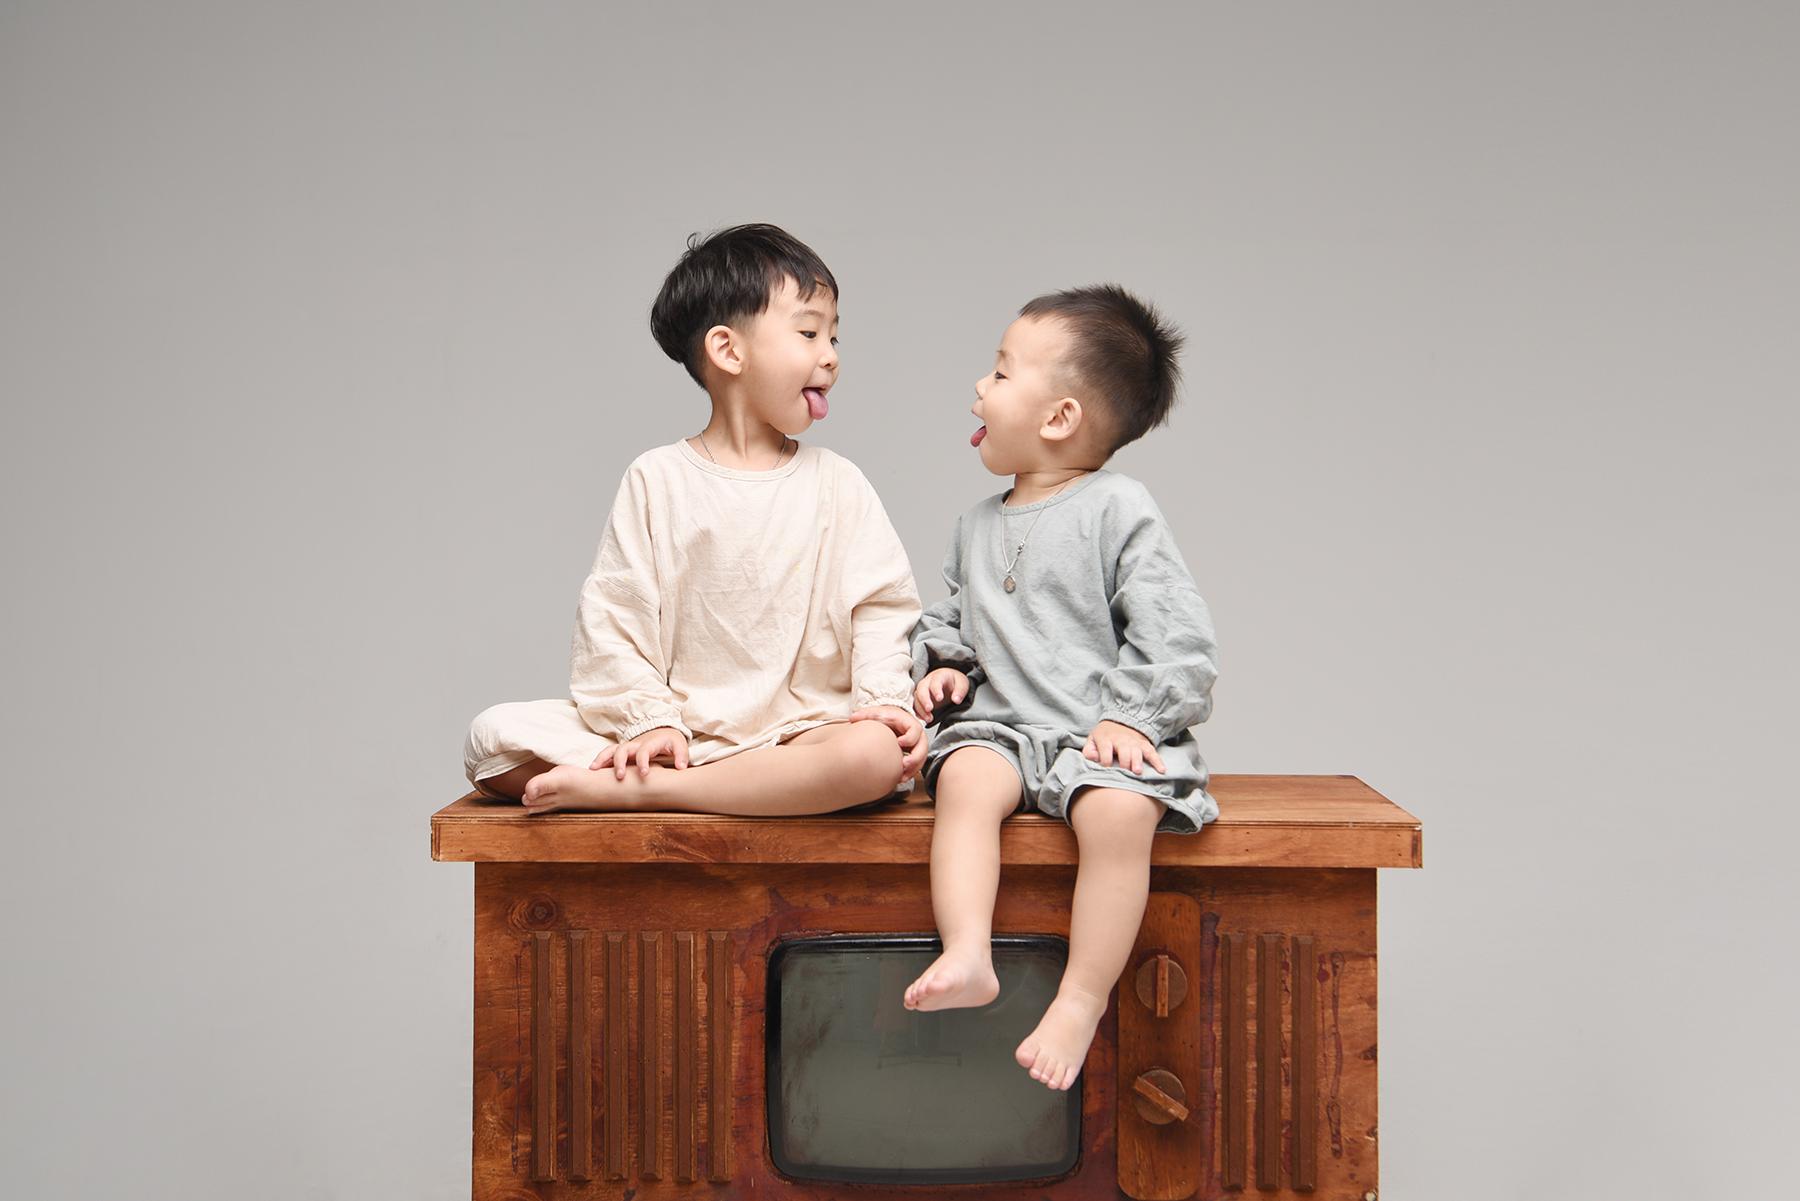 래빛스냅_바른사진관_김해형제촬영_05.jpg